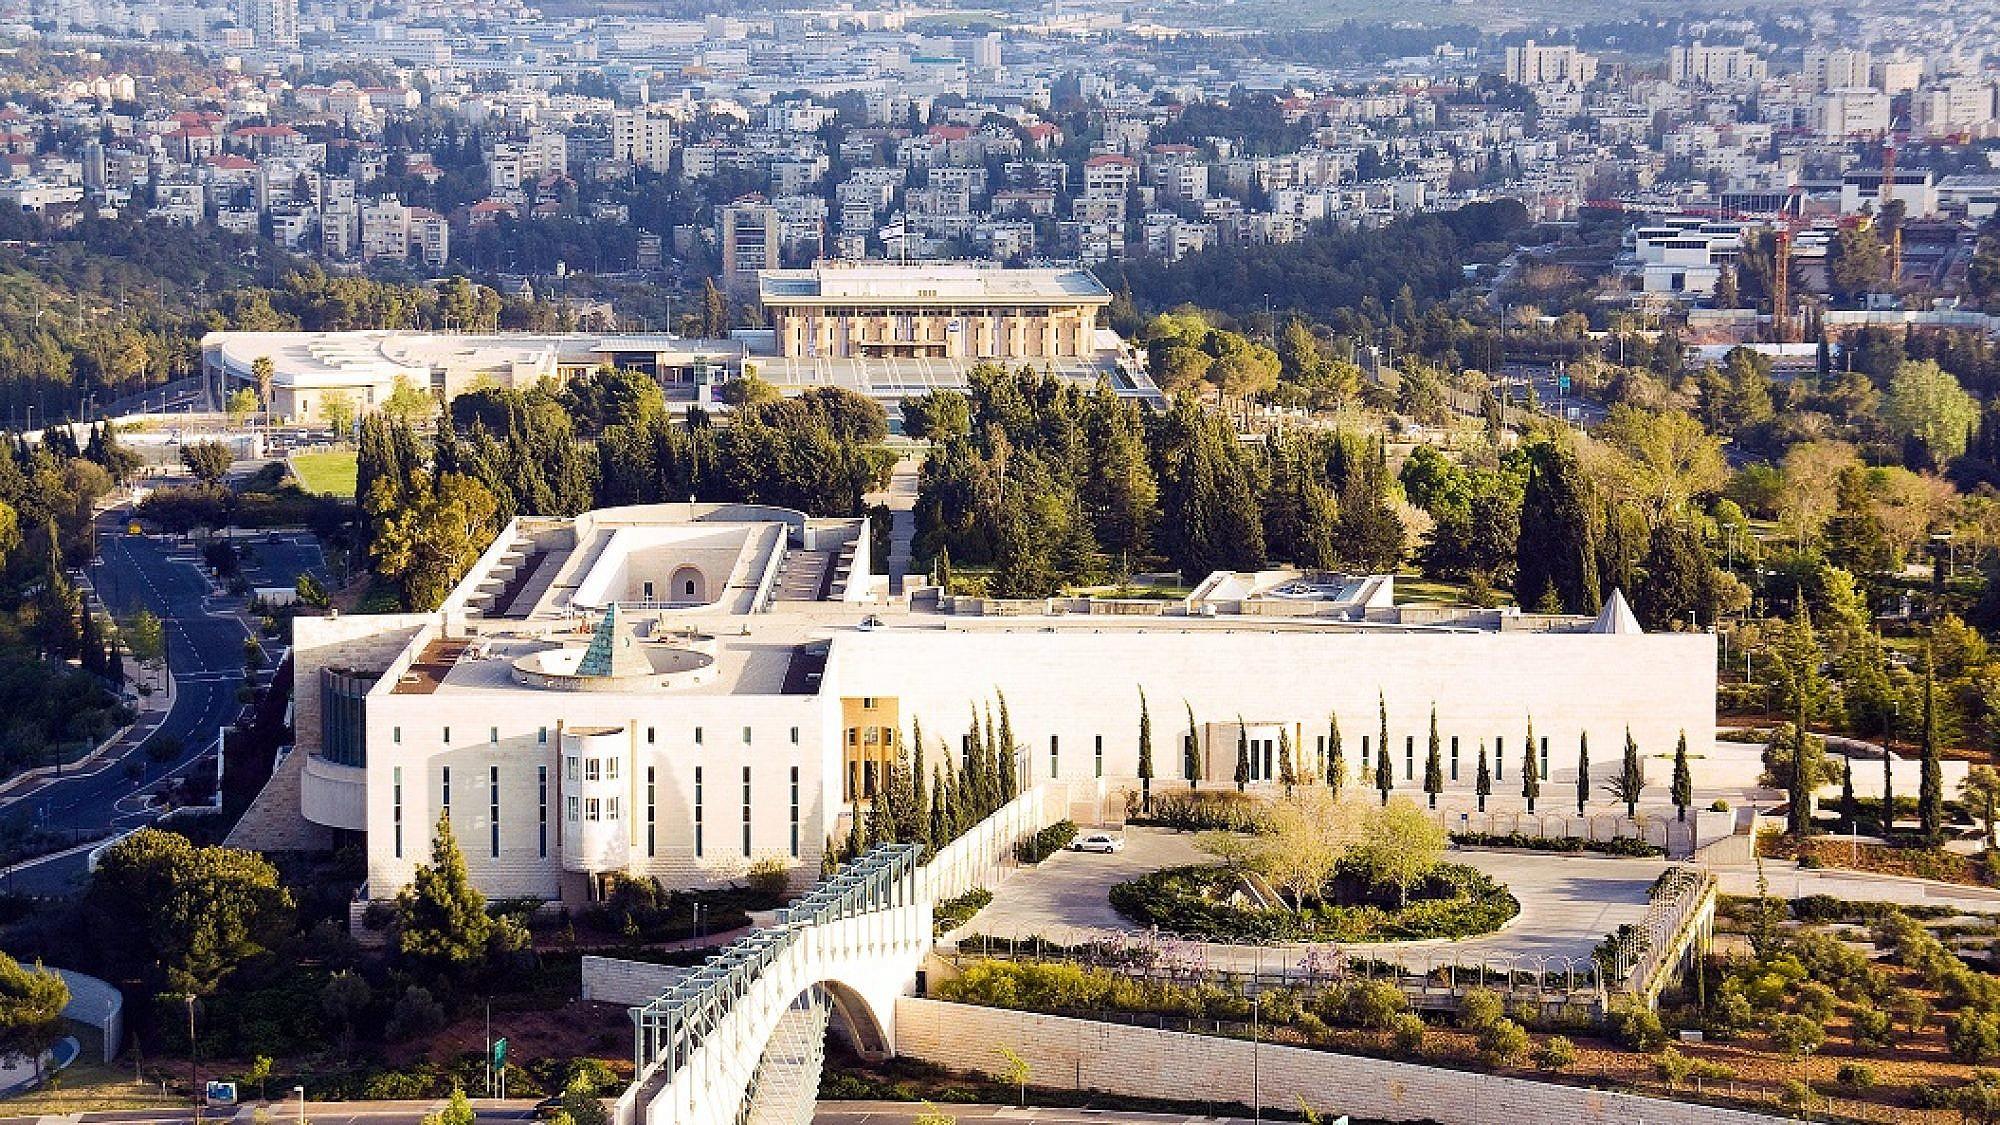 Israel Supreme Court in Jerusalem